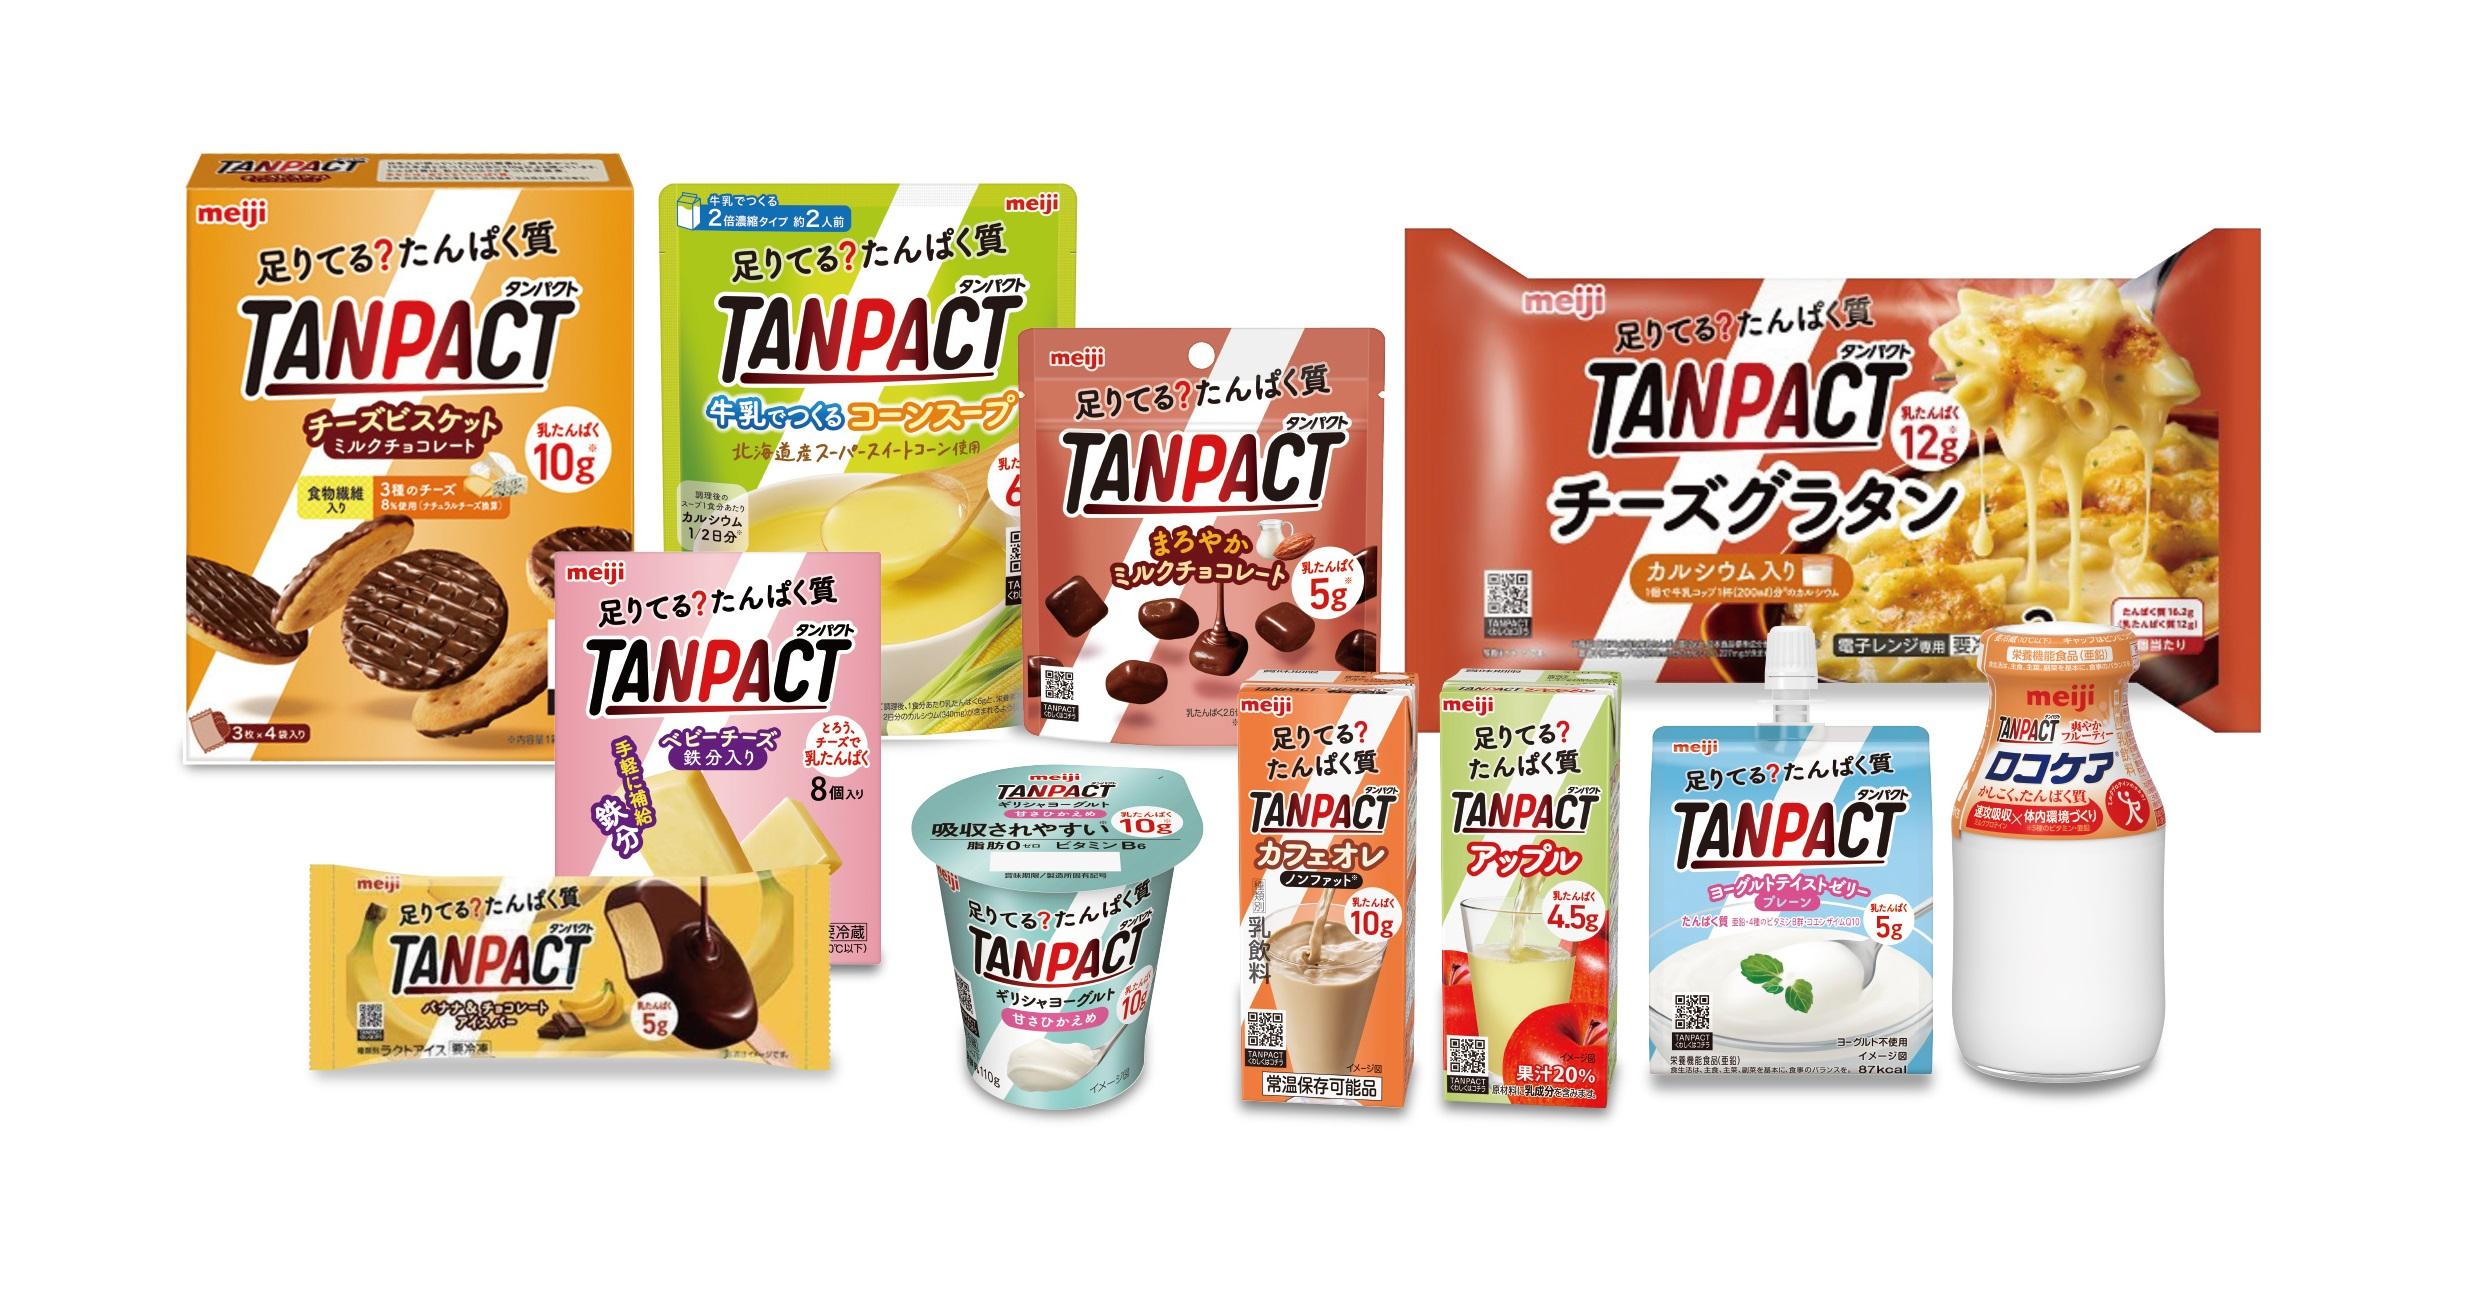 明治TANPACT